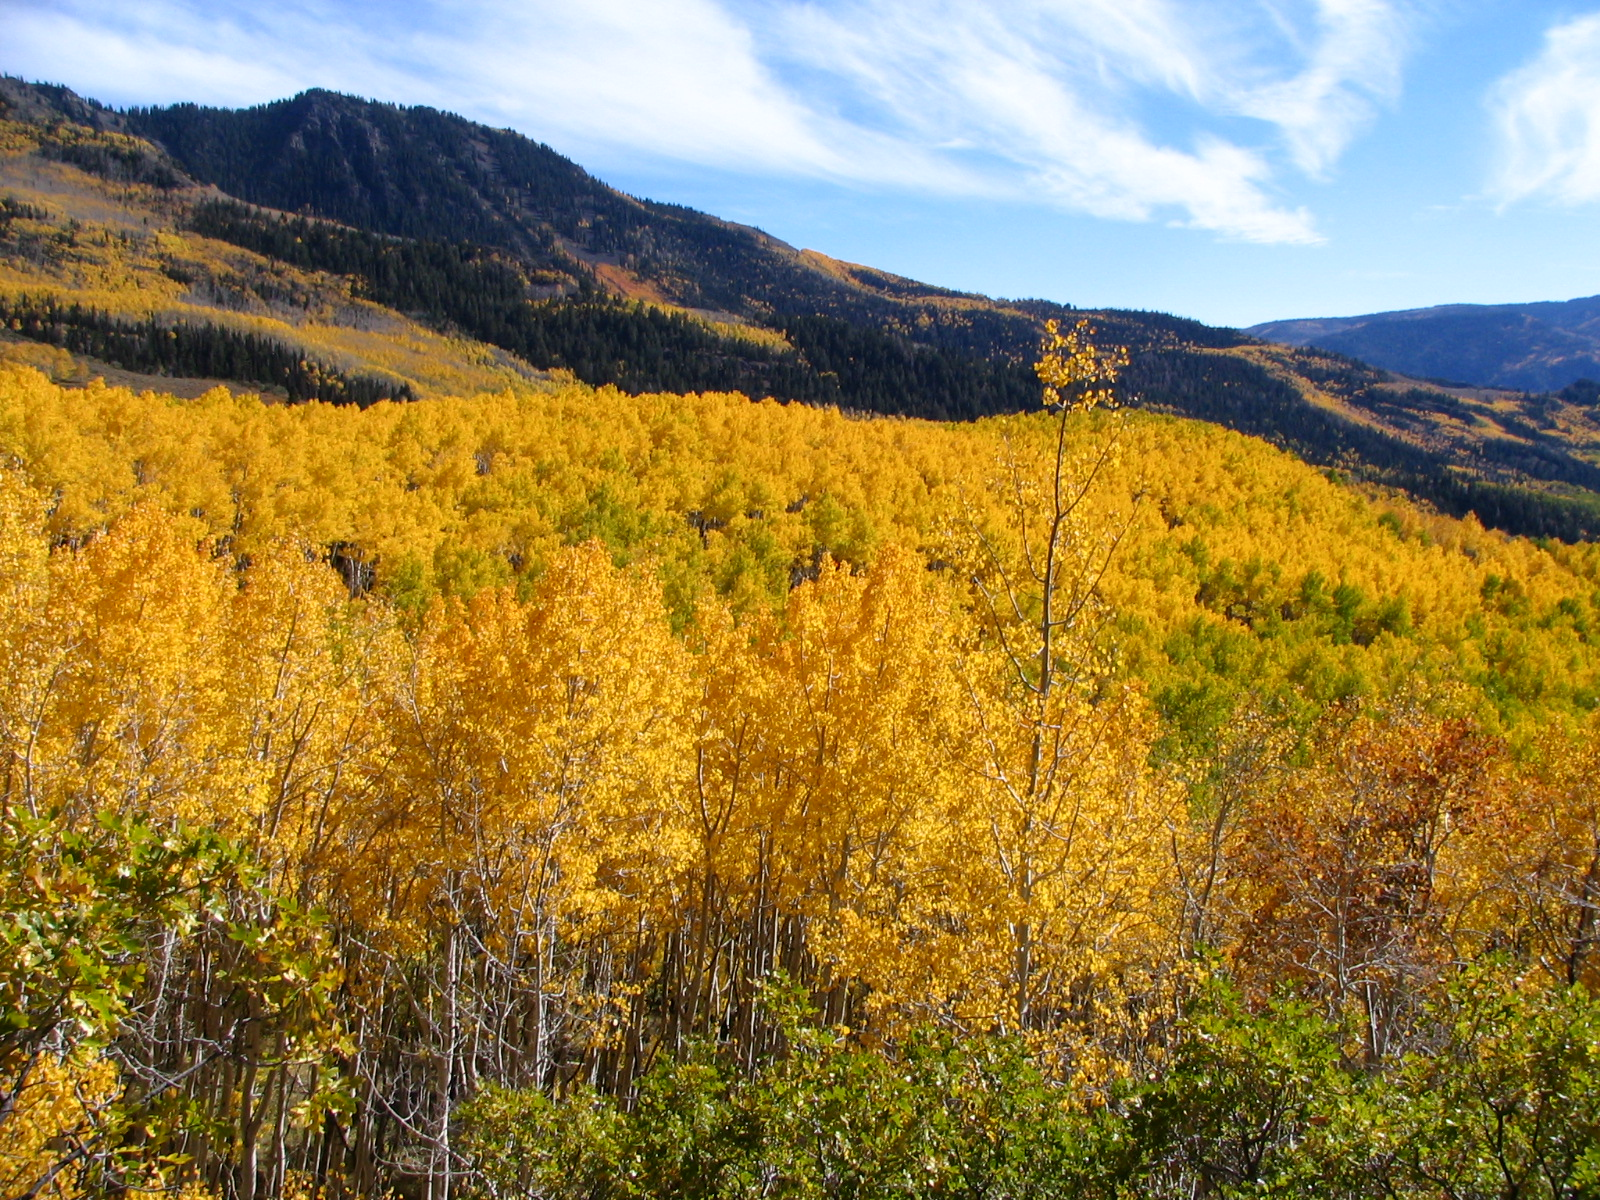 Aspen Overview in Fishlake National Forest, Utah, USA